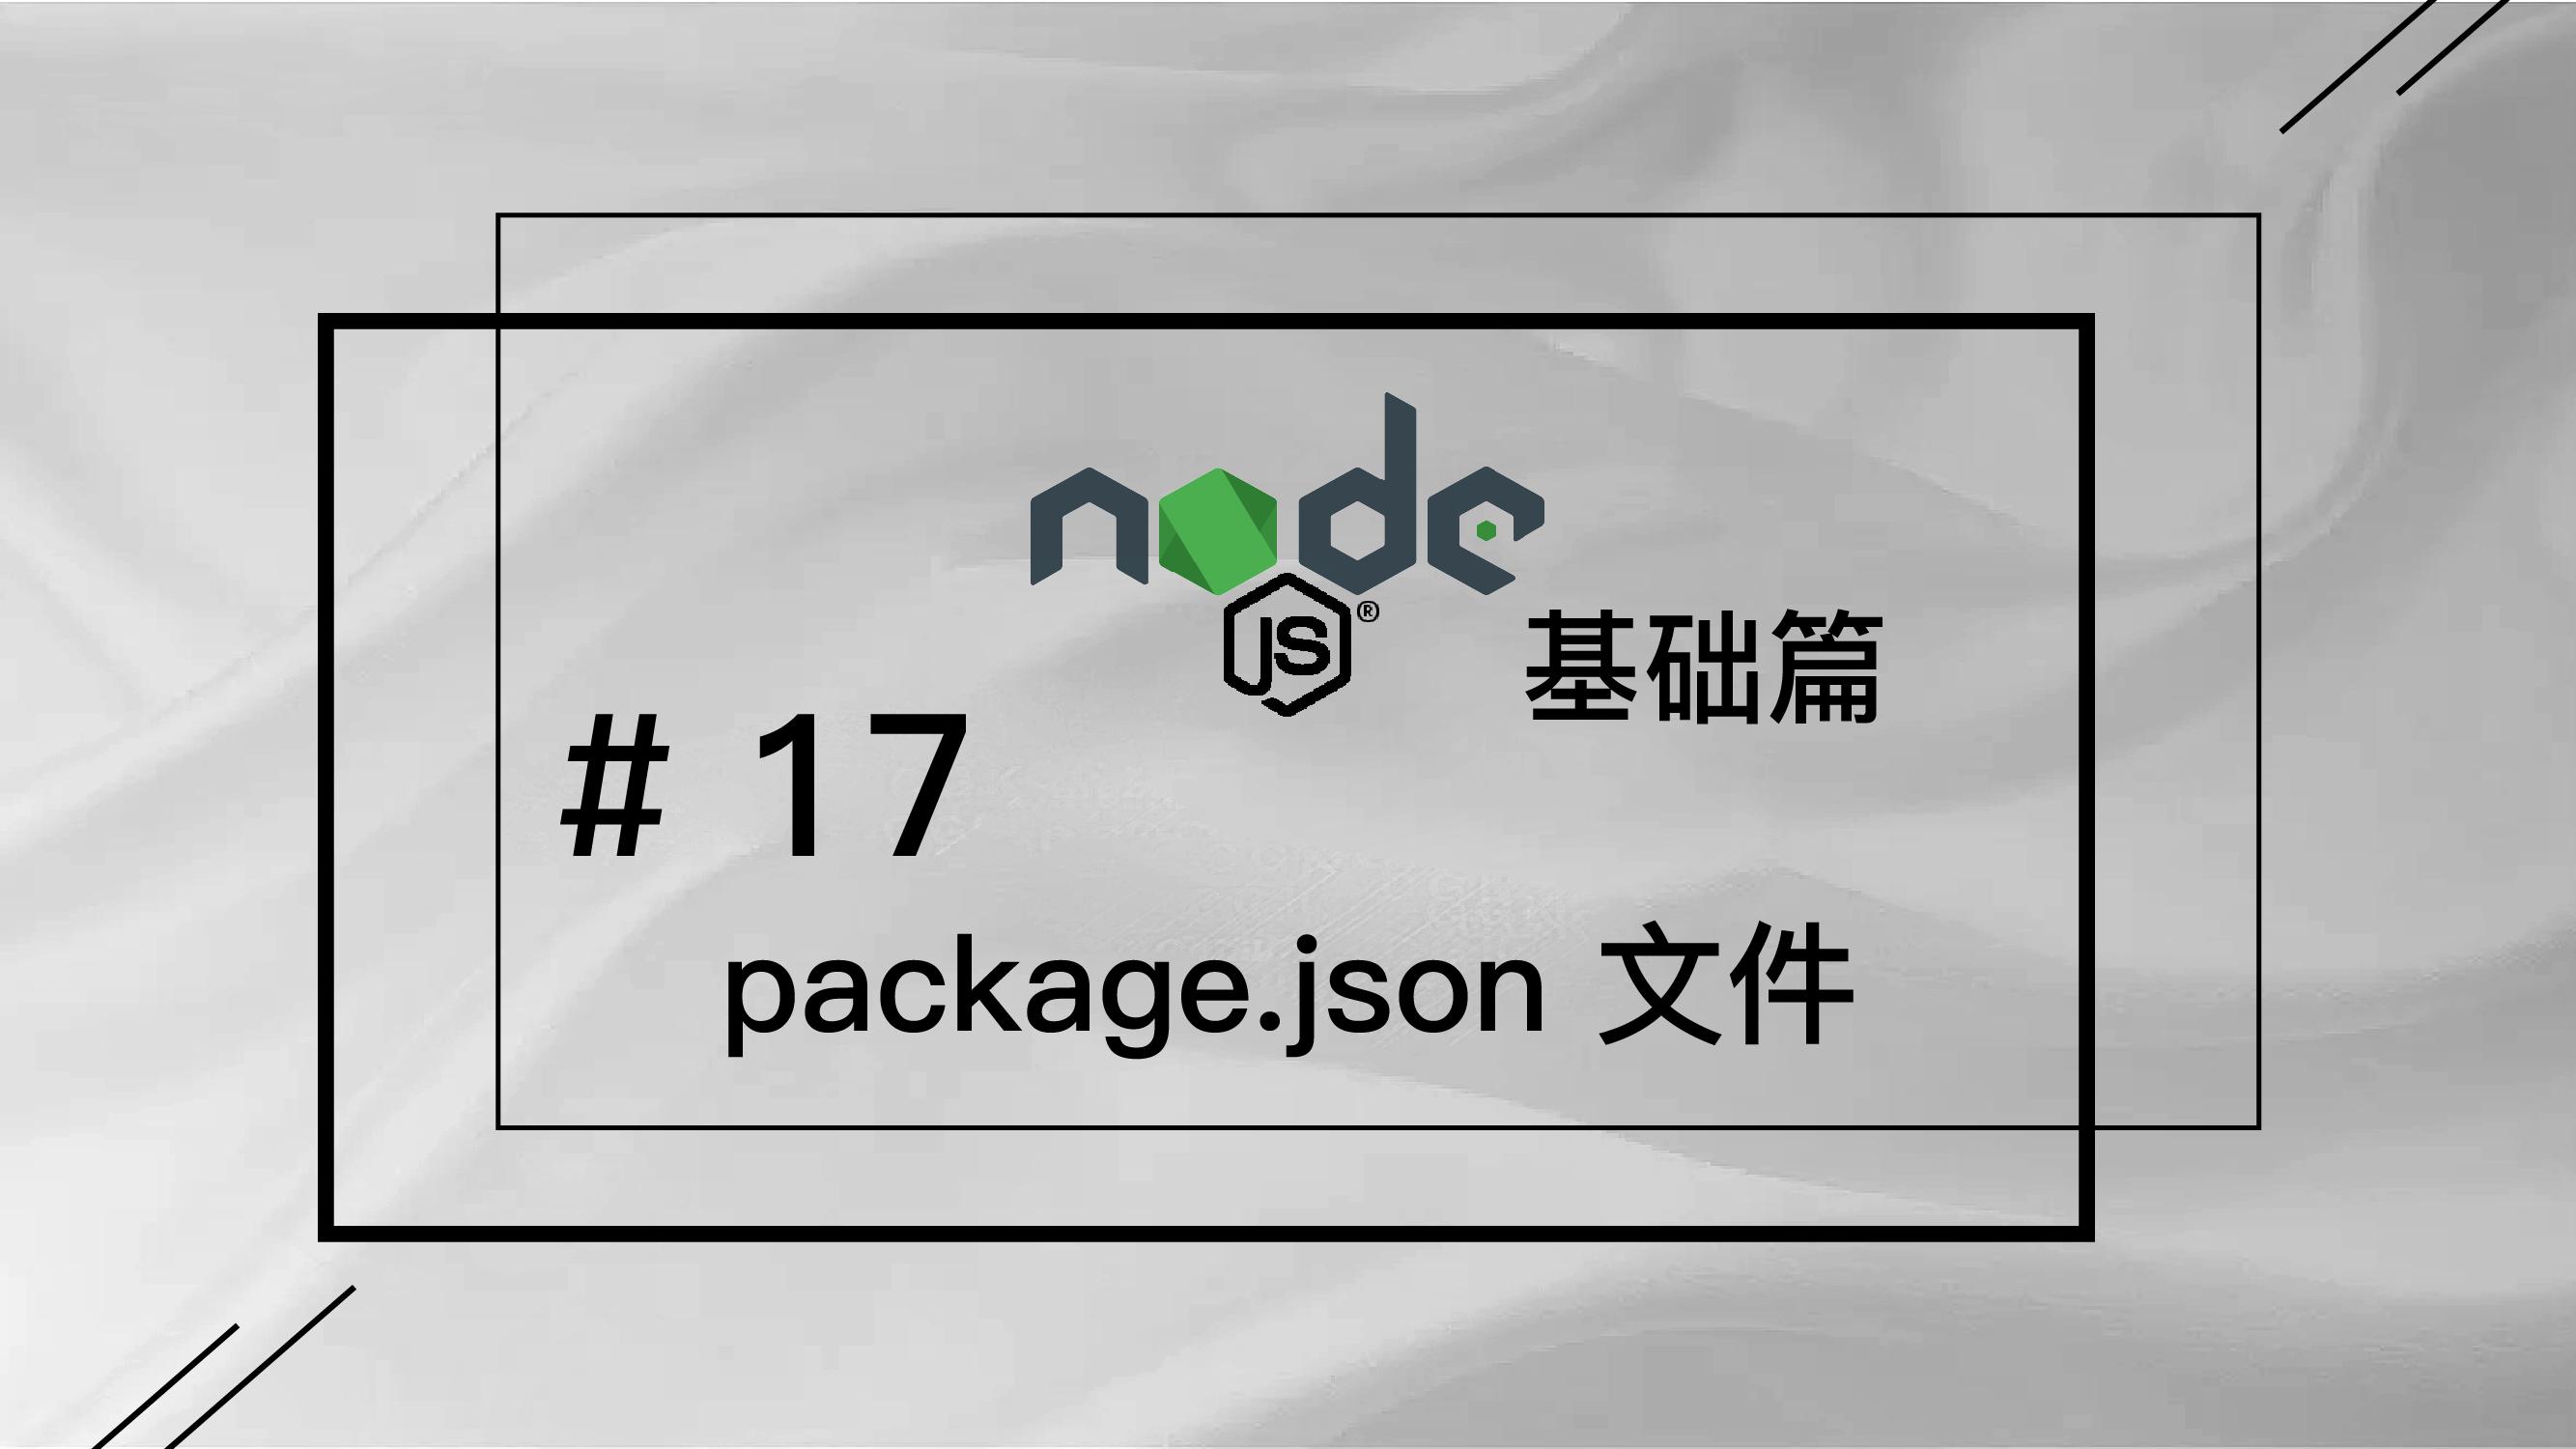 轻松学 Node.js - 基础篇 #17 package.json 文件